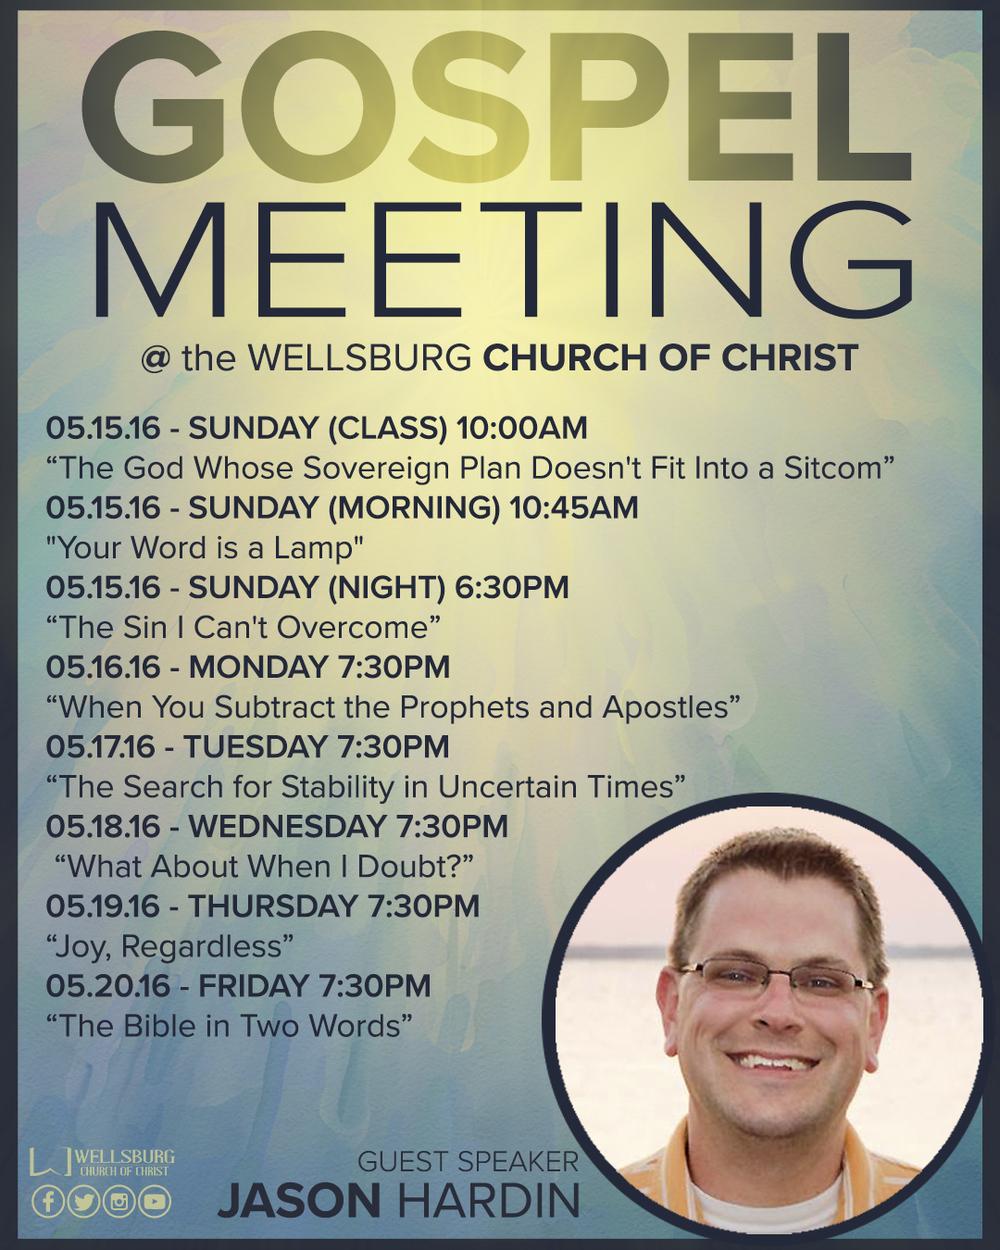 INSTAGRAM ADVERTISEMENT (GOSPEL MEETING)